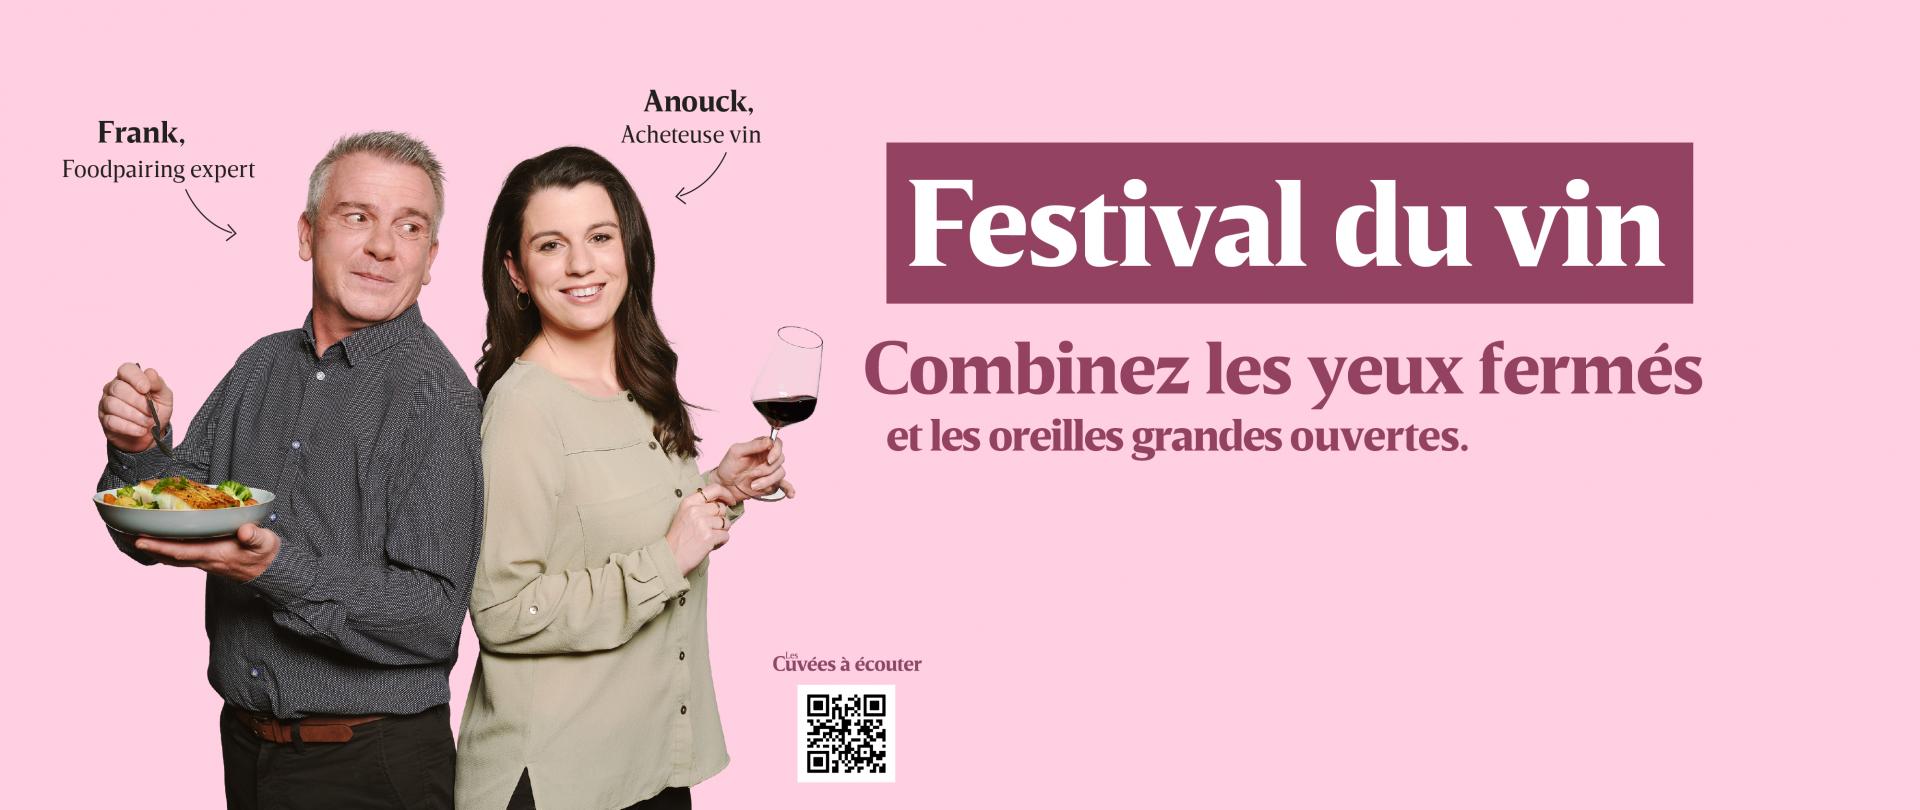 Le festival du vin